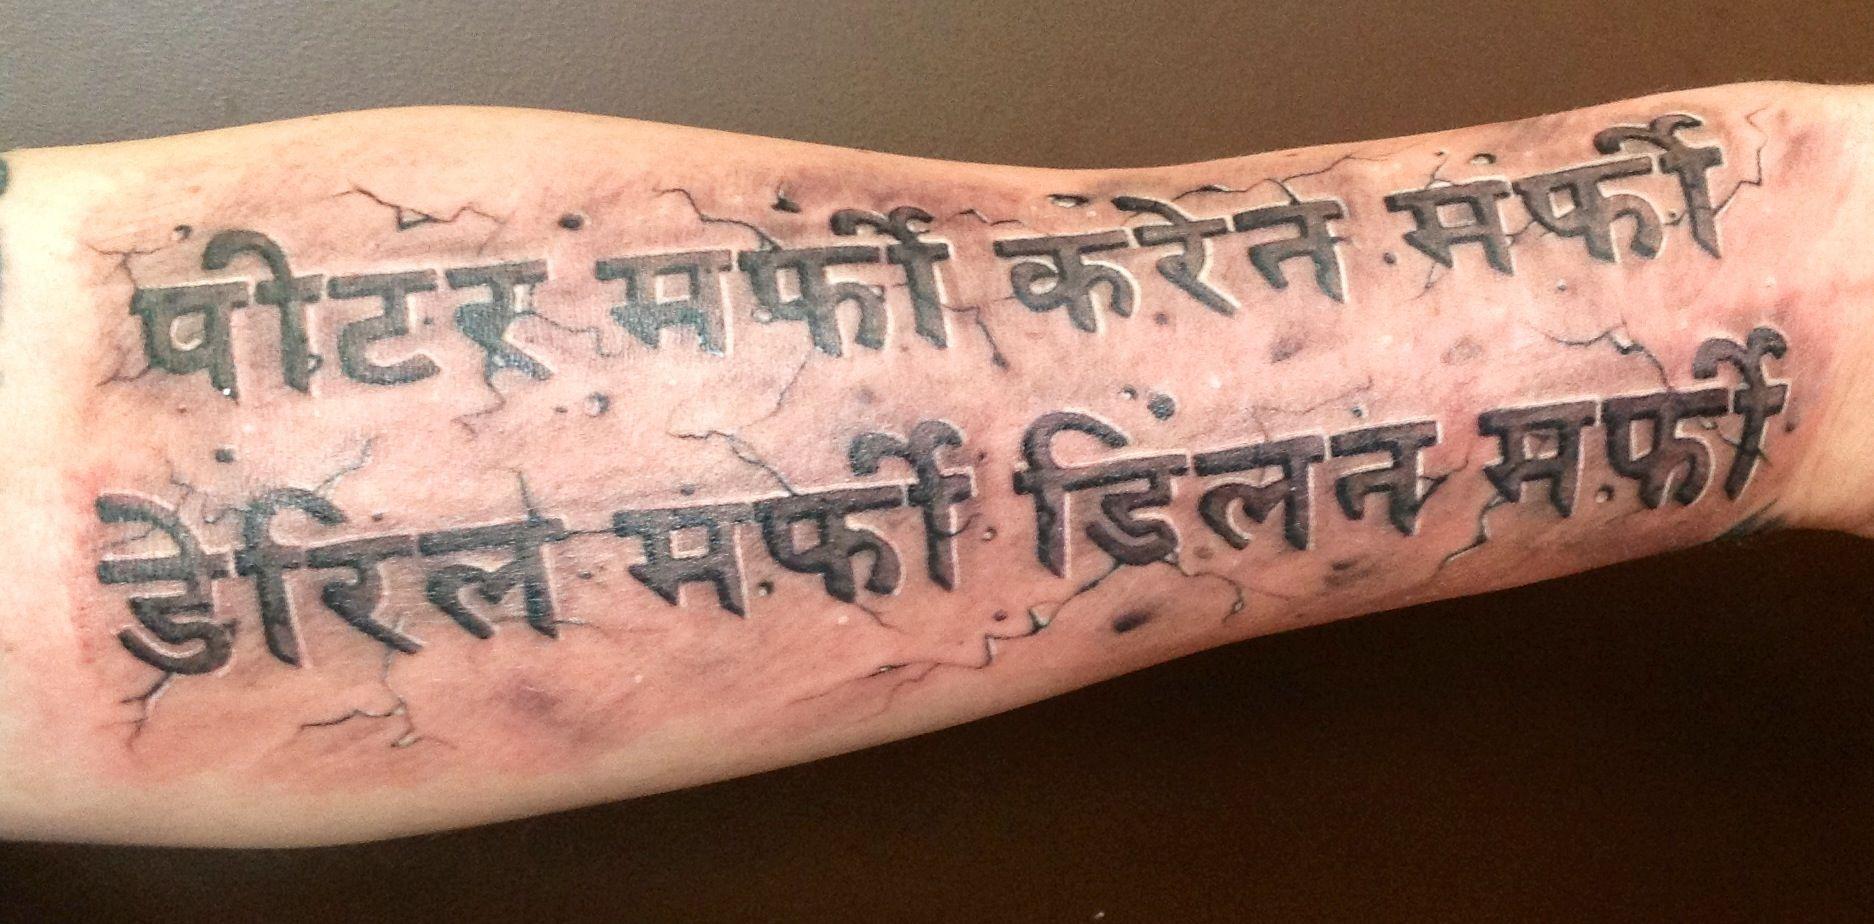 Hindi tattoo by ian flynn Hindi tattoo, Tattoos, Tattoo